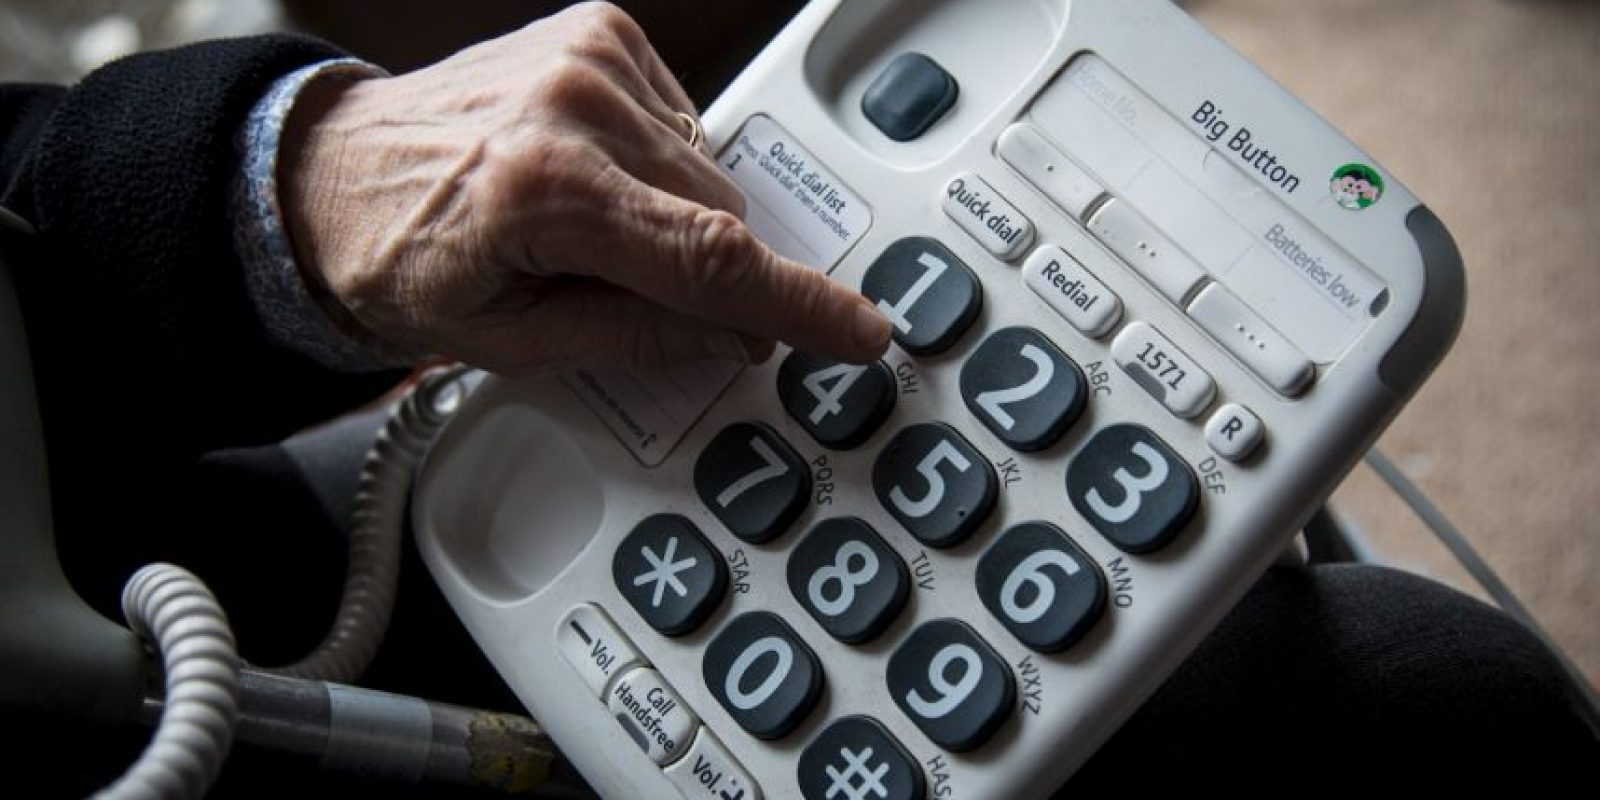 Clarence Blackmon, un hombre de 81 años, llamó al 911 cuando descubrió que su refrigerador estaba vacío. Foto:Getty Images